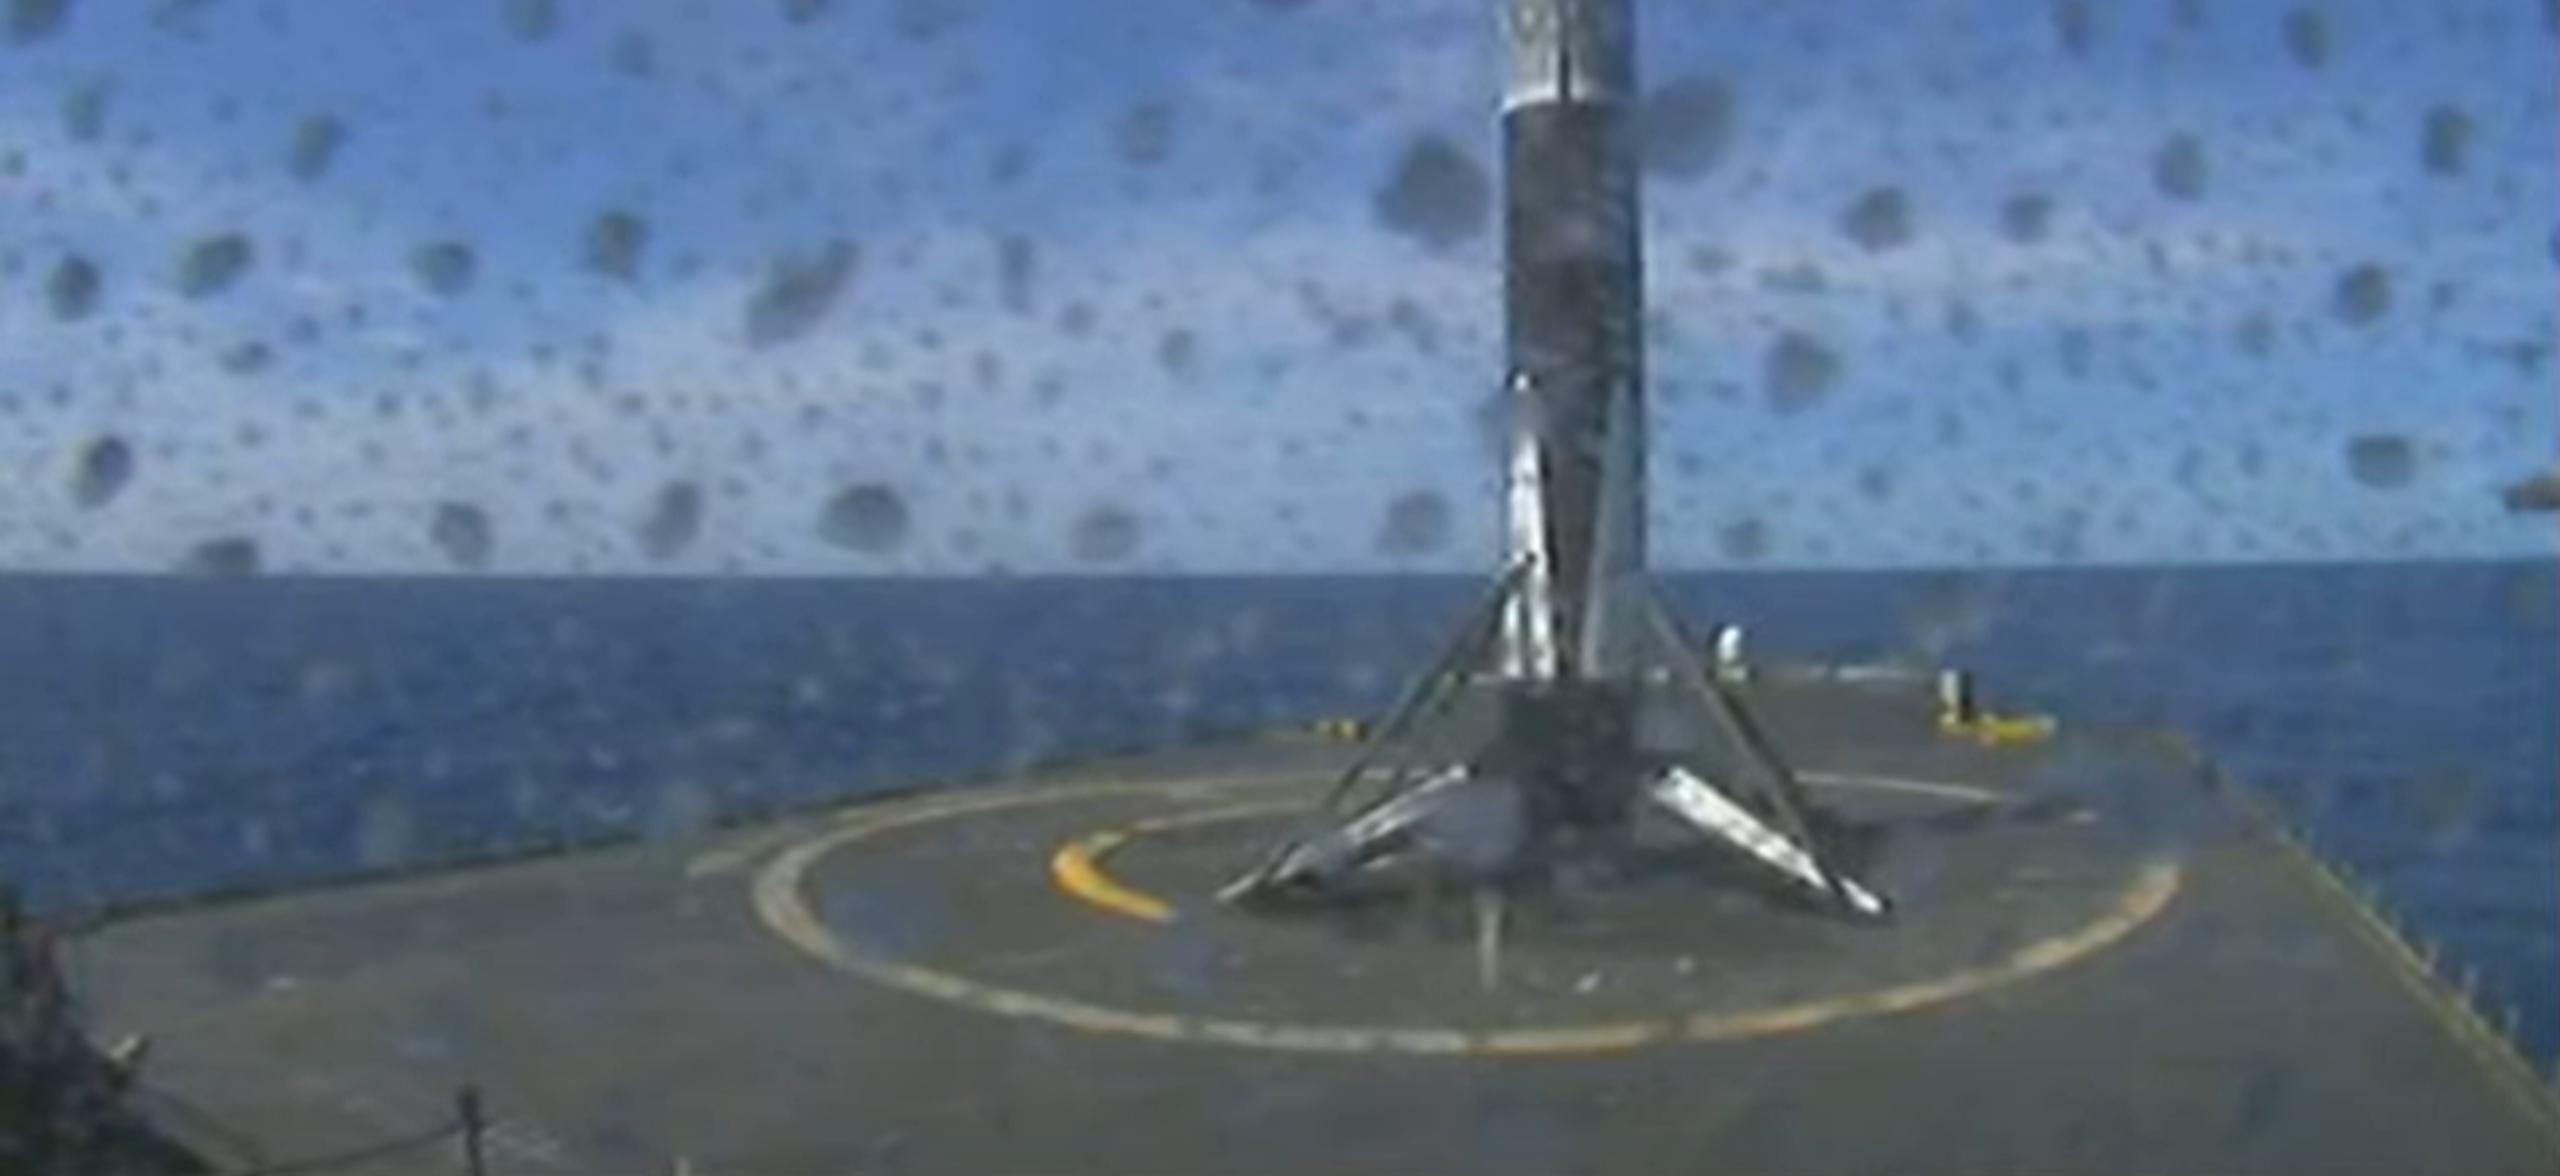 Falcon 9 Starlink 6 042220 (SpaceX) webcast 9 crop (c)